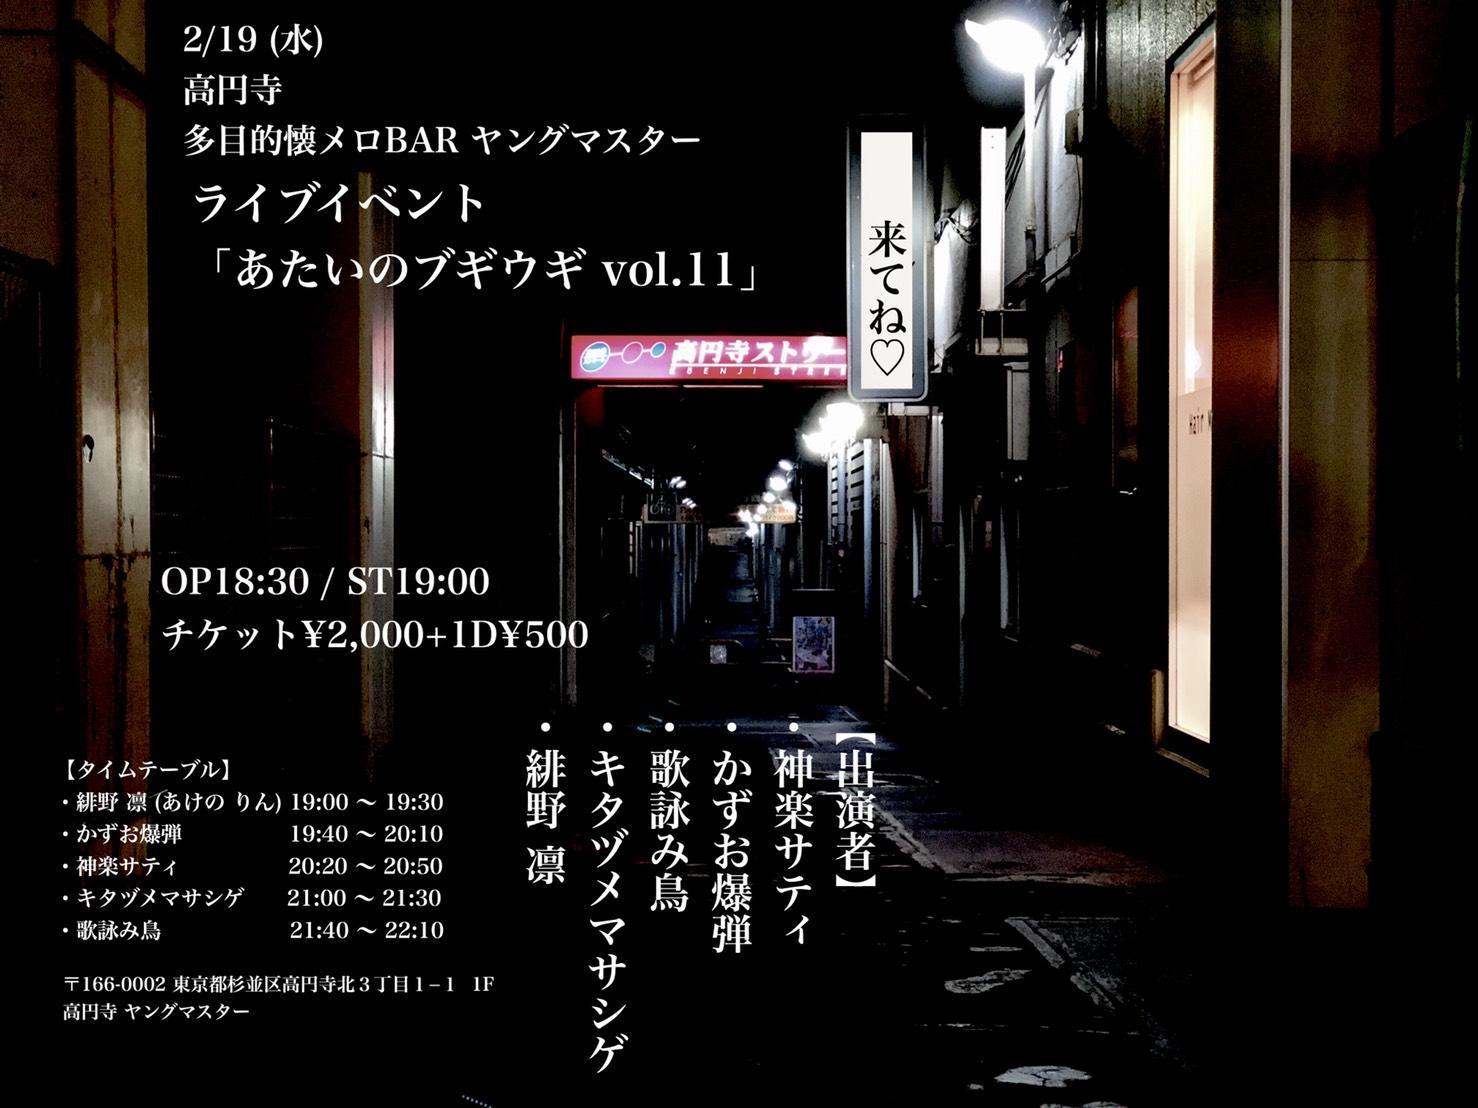 2/19 (水) ライブイベント 「あたいのブギウギ vol.12」 OP18:30 / ST19:00 チケット¥2,000+1D¥500